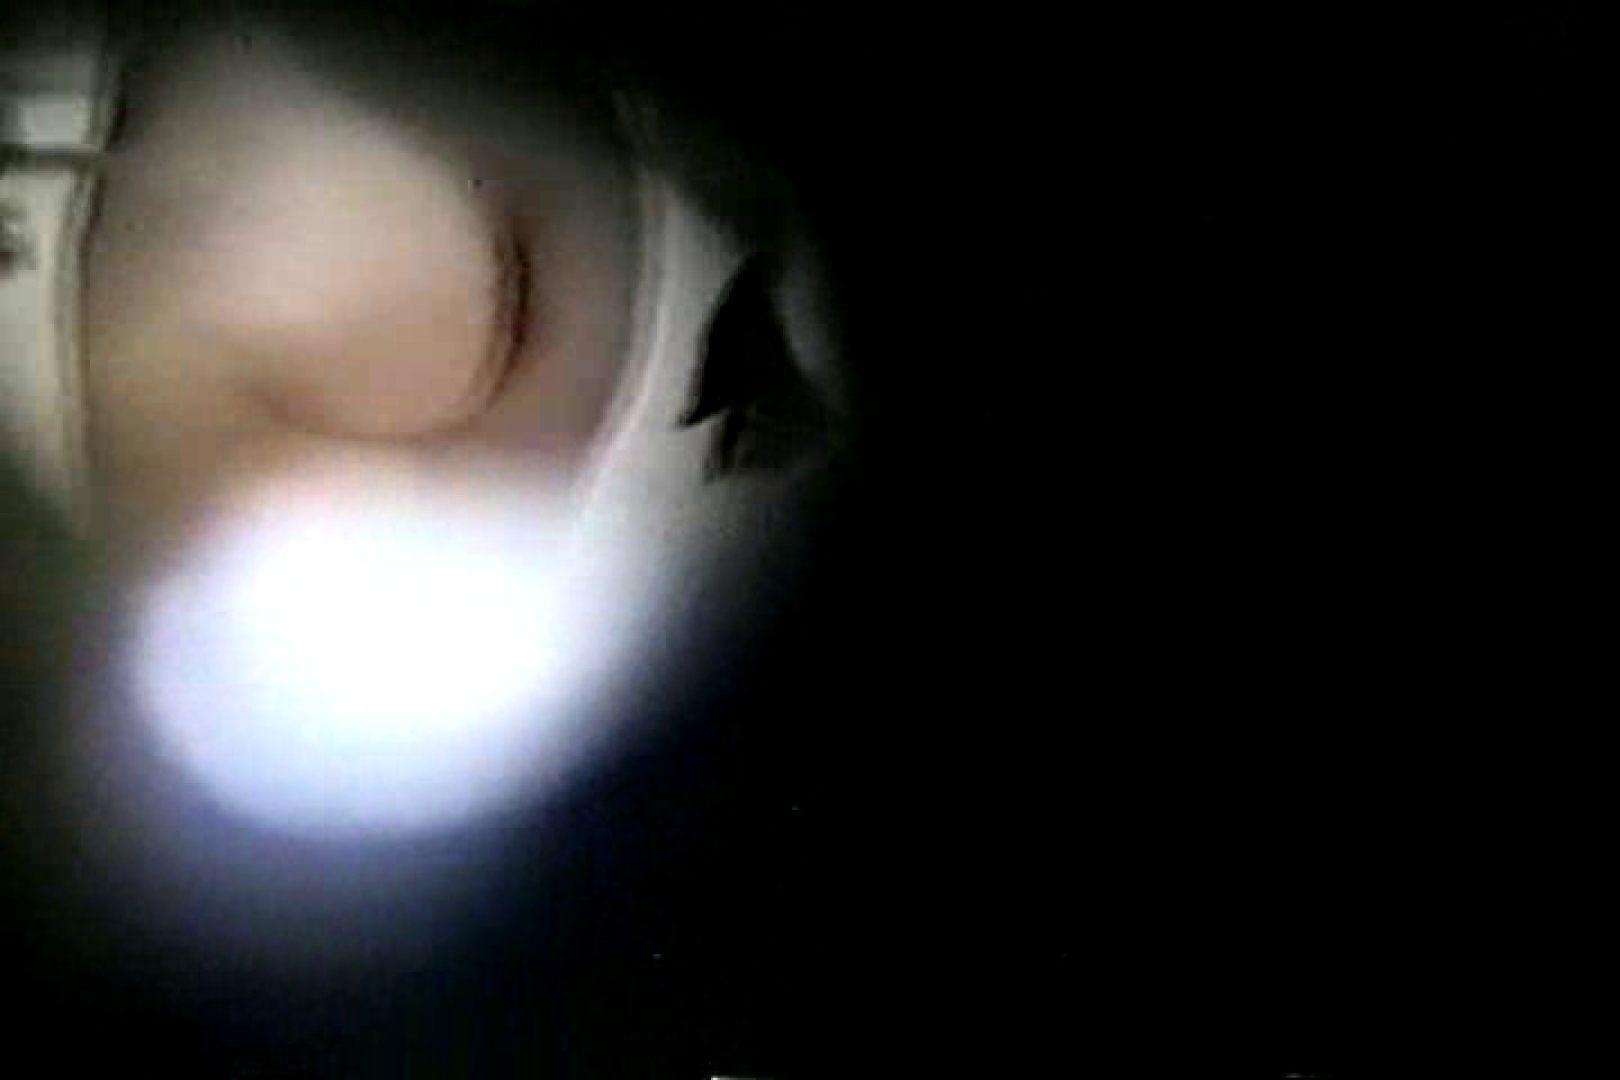 深夜の撮影会Vol.6 オナニー   民家  51PICs 51